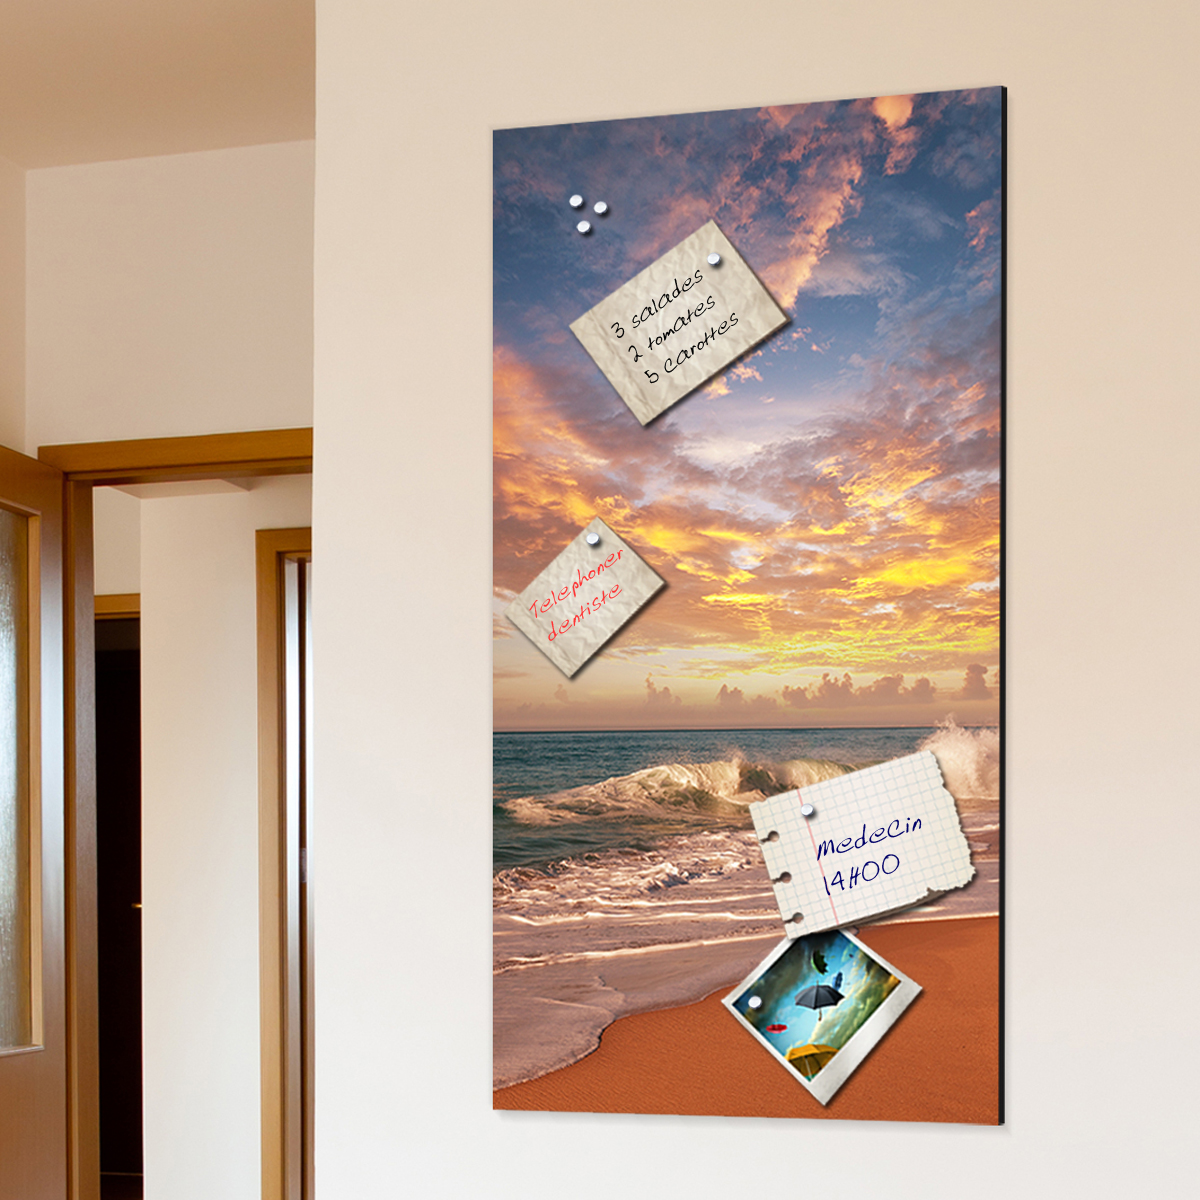 papier peint magn tique sticker papier peint magn tique mer coucher de soleil ambiance. Black Bedroom Furniture Sets. Home Design Ideas